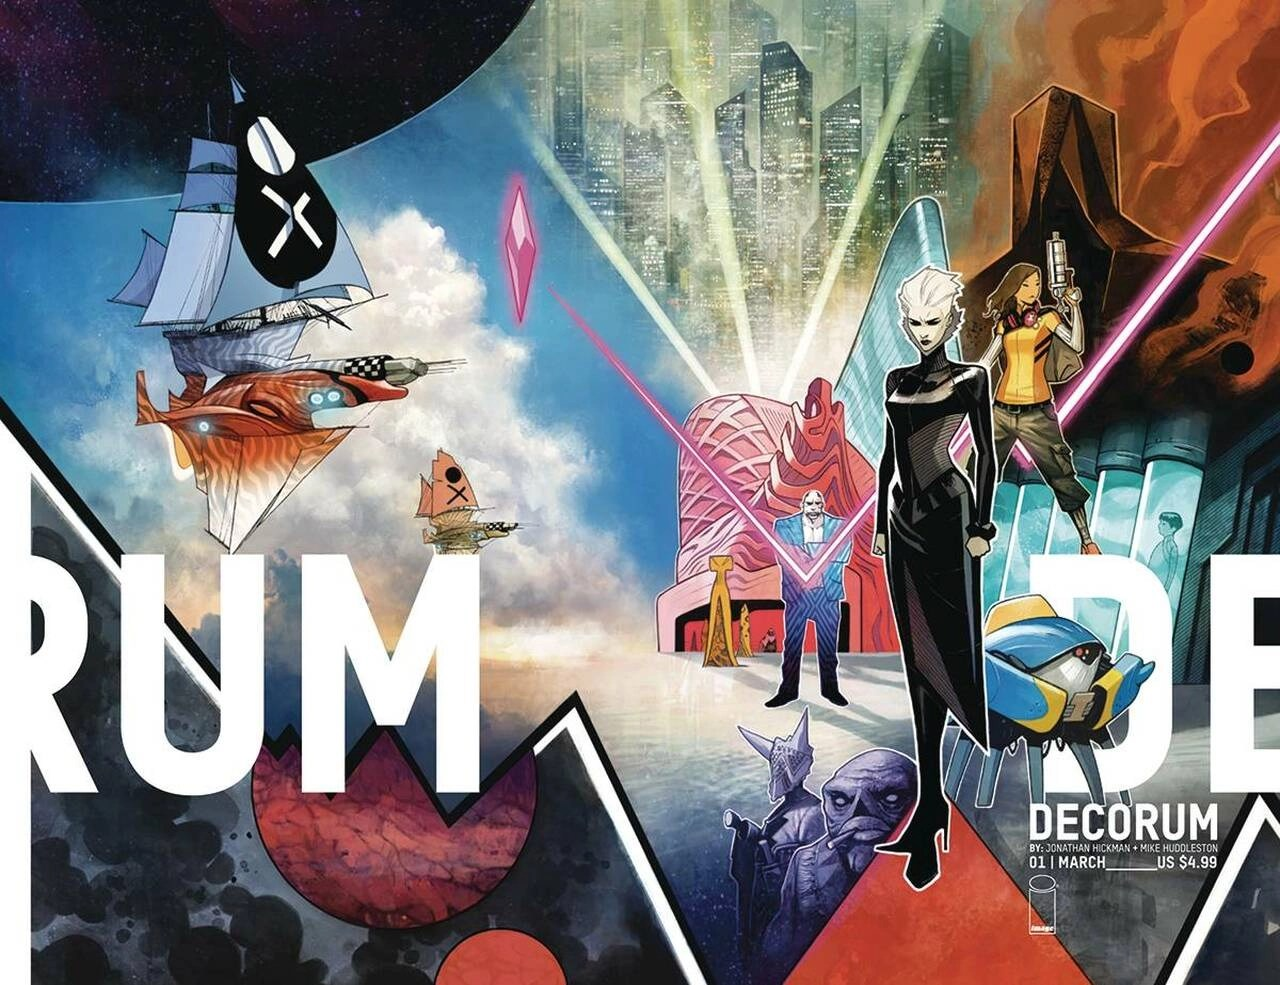 Decorum - wraparound cover by Mike Huddleston (Image)